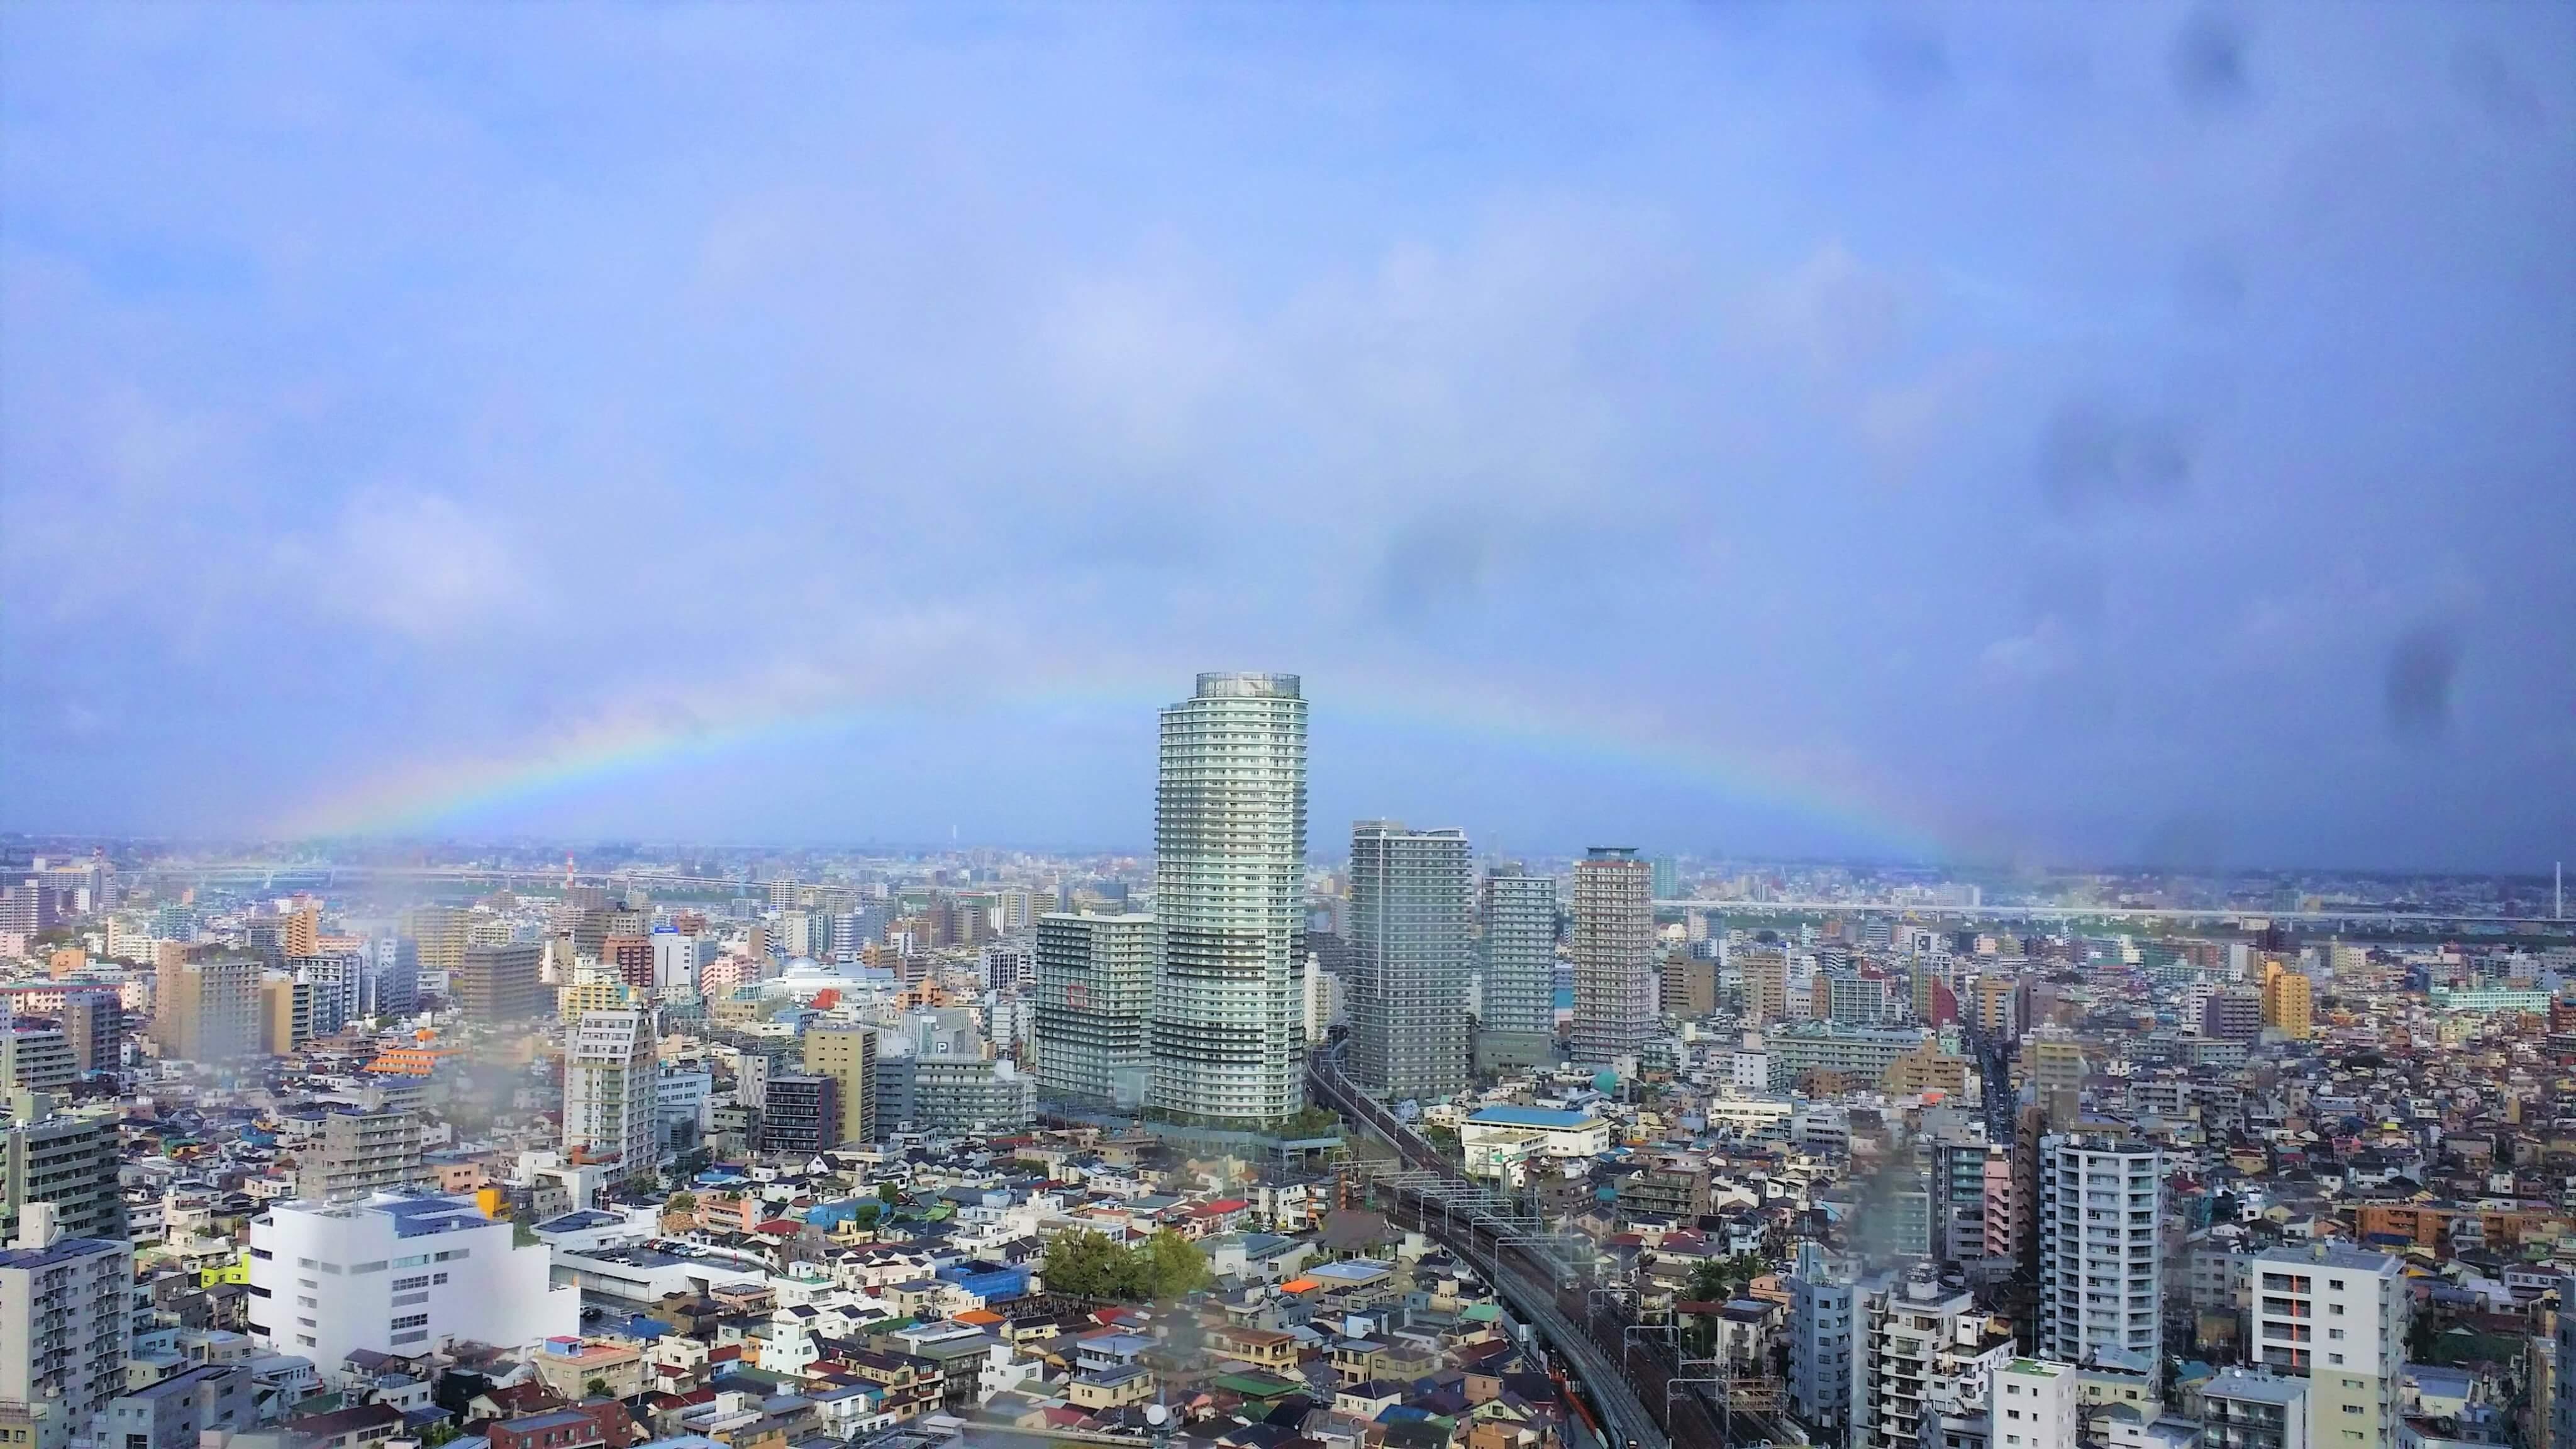 東京の空に虹が現れた